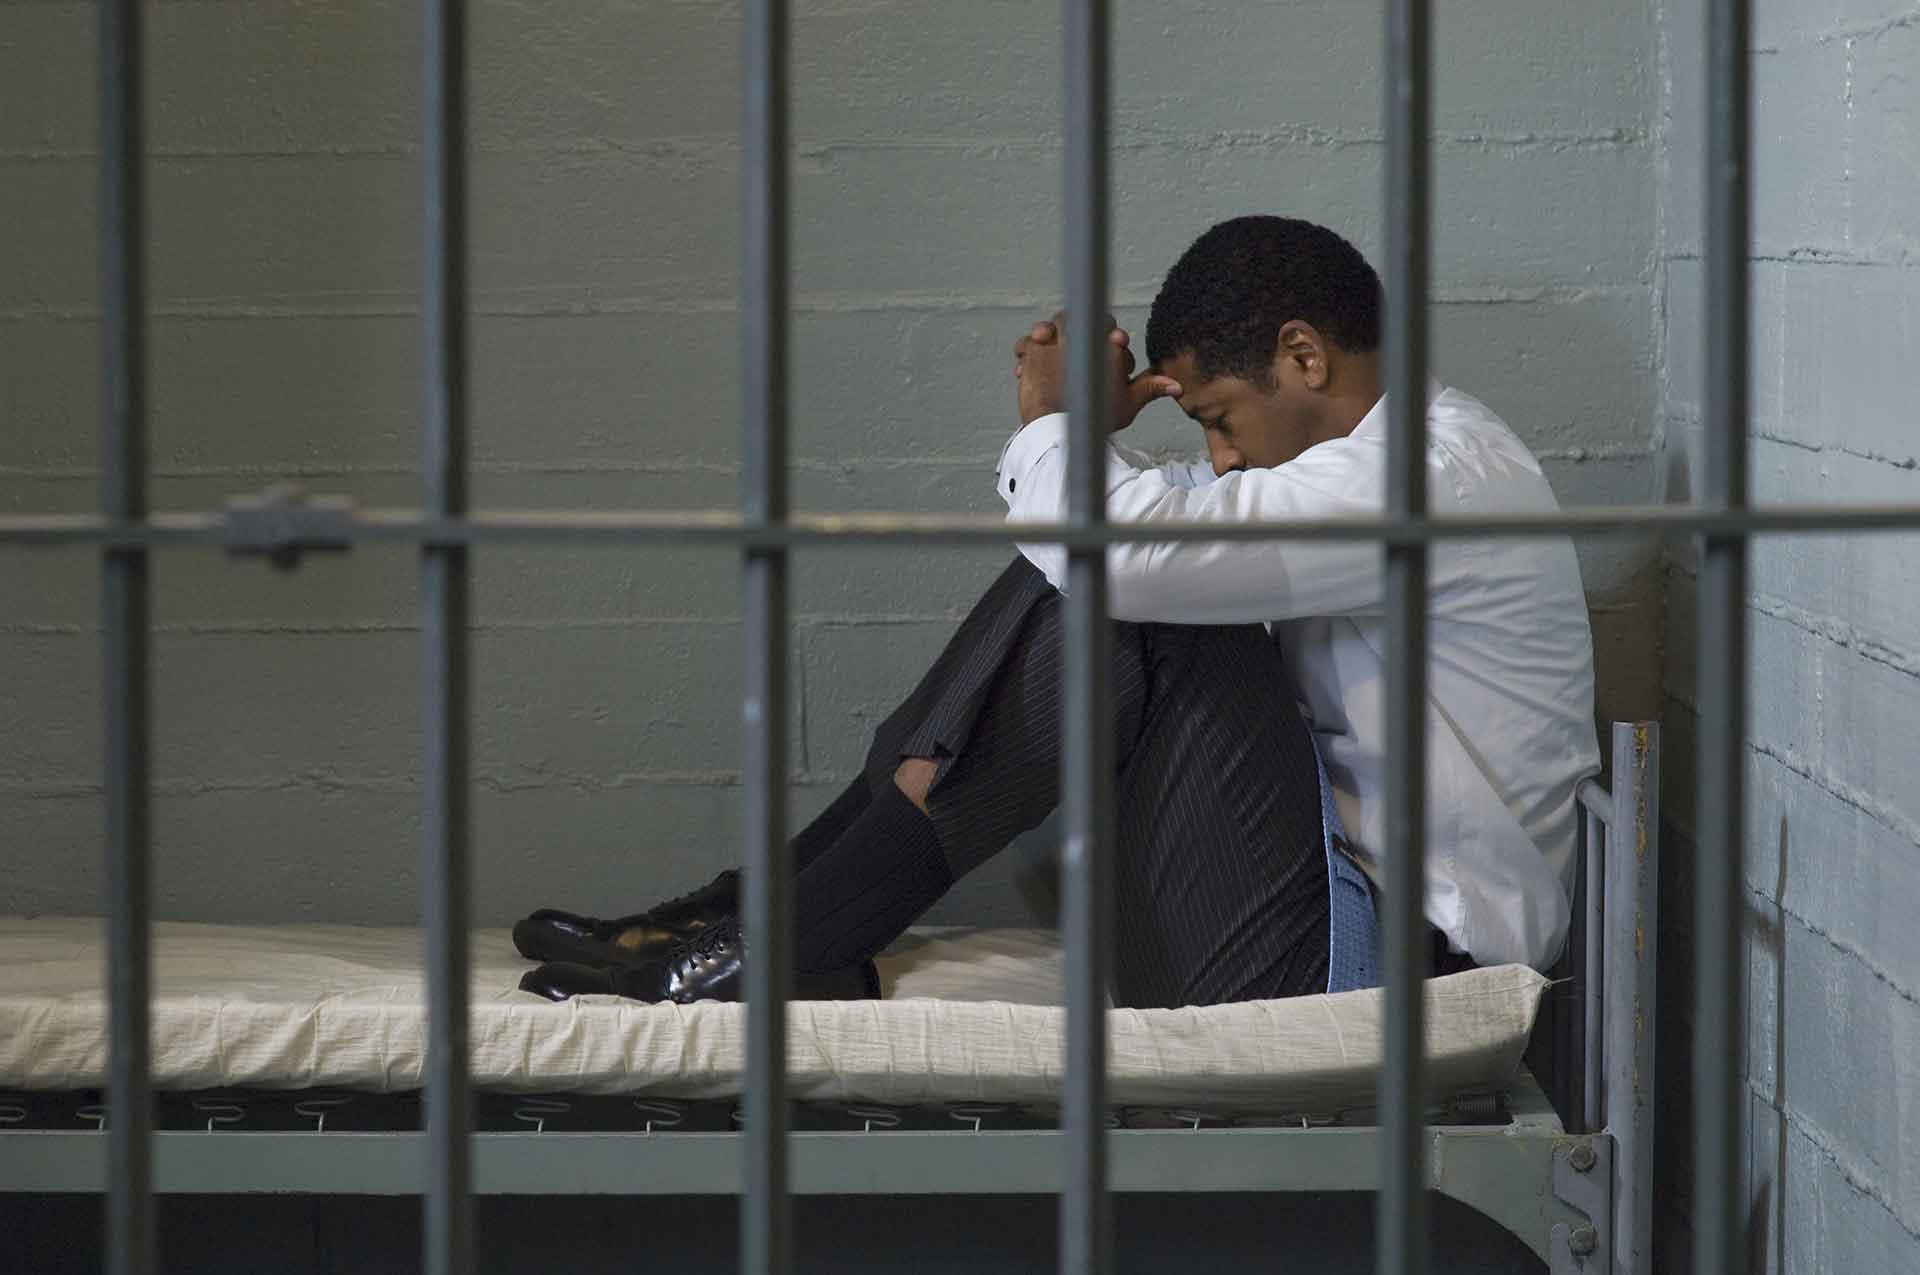 Voorarrest strafrecht advocaat - Weening Strafrechtadvocaten